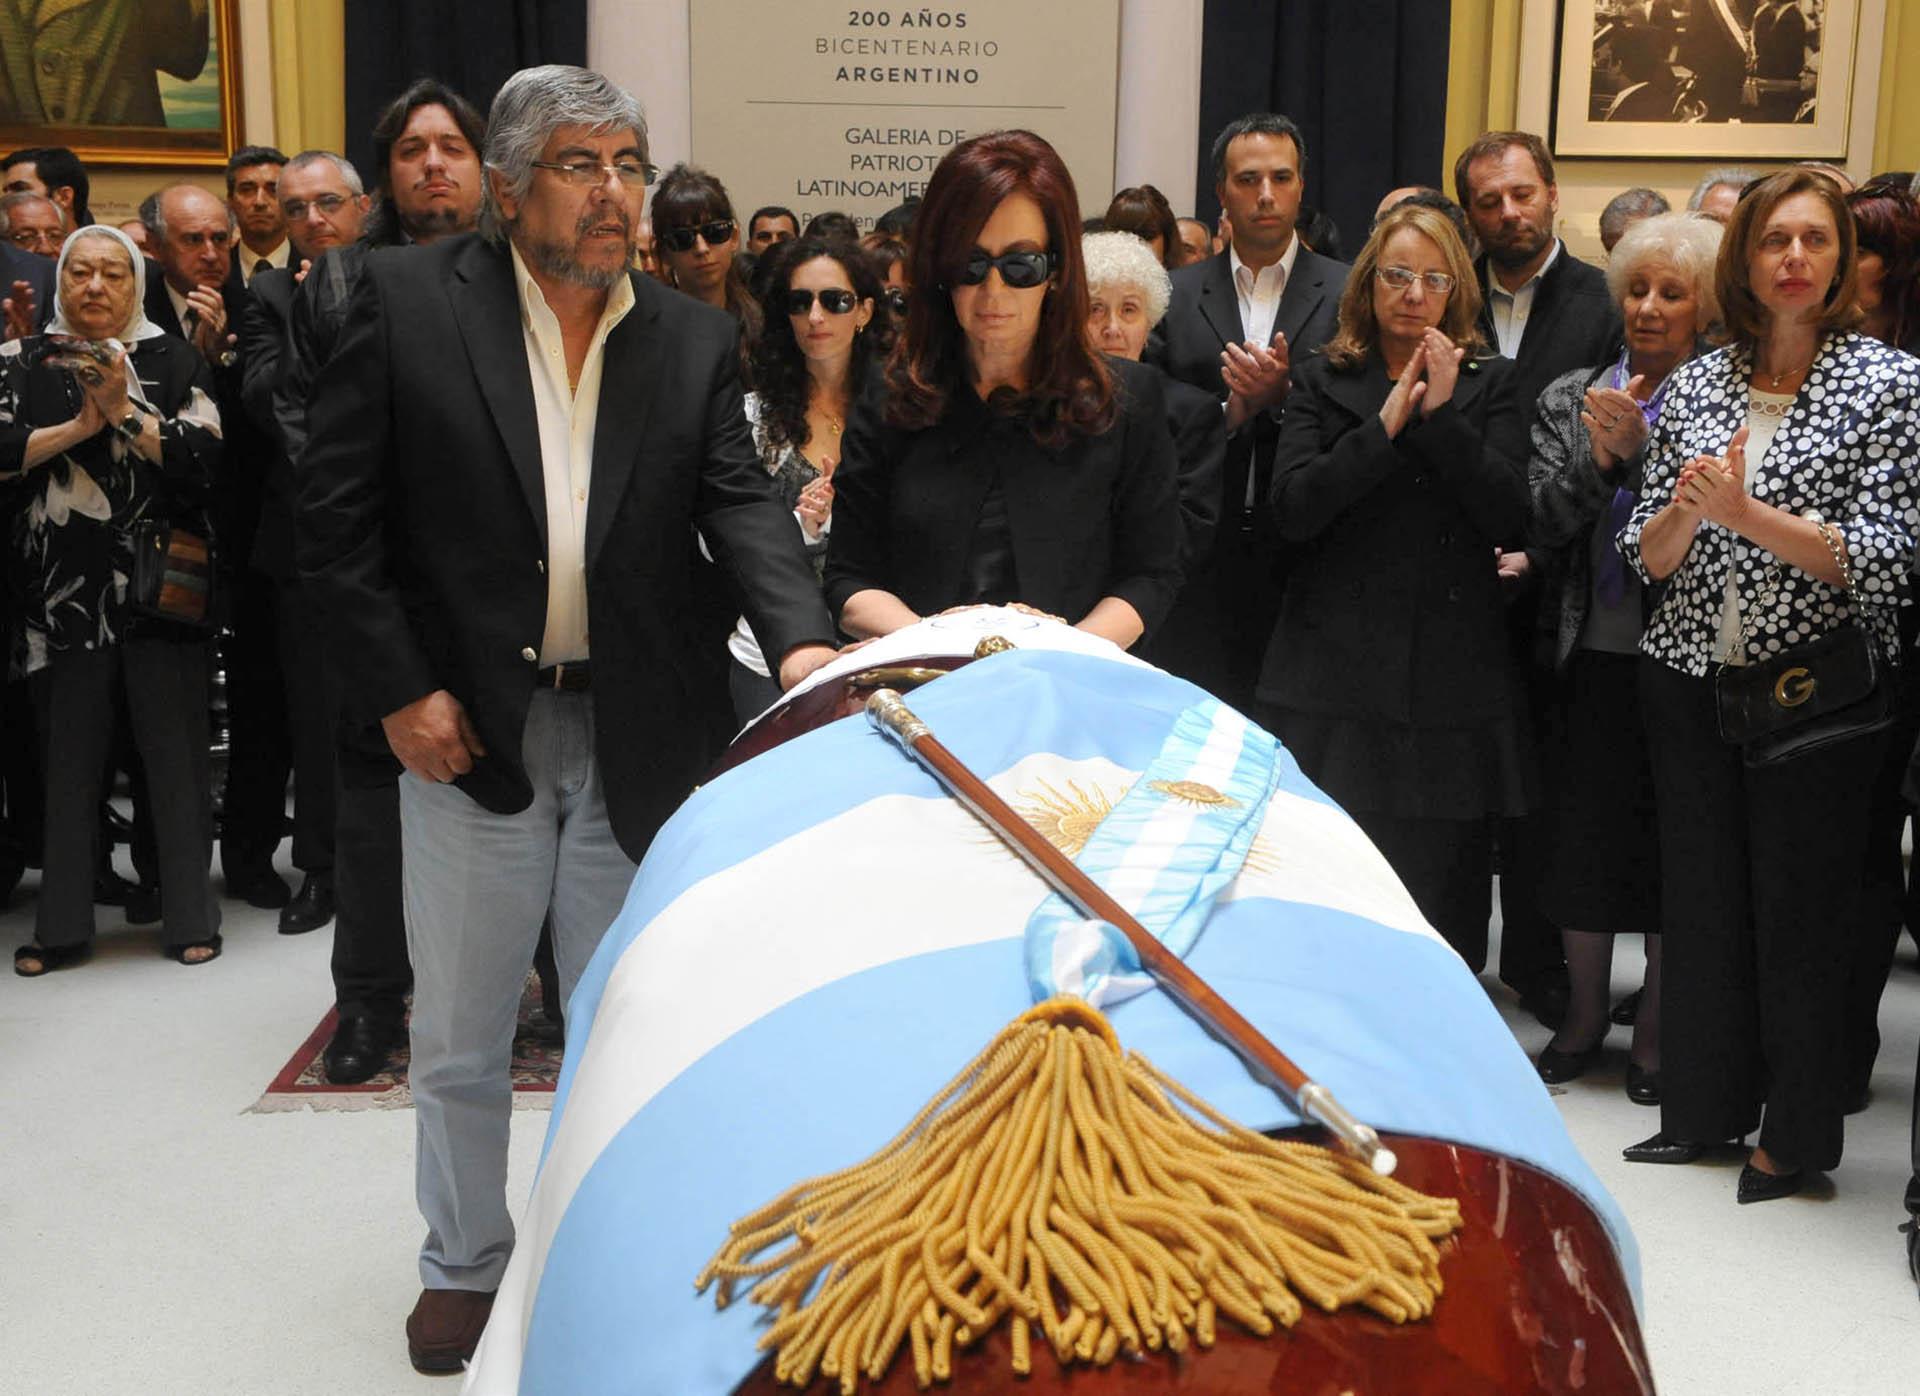 La presidenta Cristina Kirchner junto al titular de la CGT, Hugo Moyano, despiden los restos de Néstor Kirchner, que son velados en la Casa Rosada.